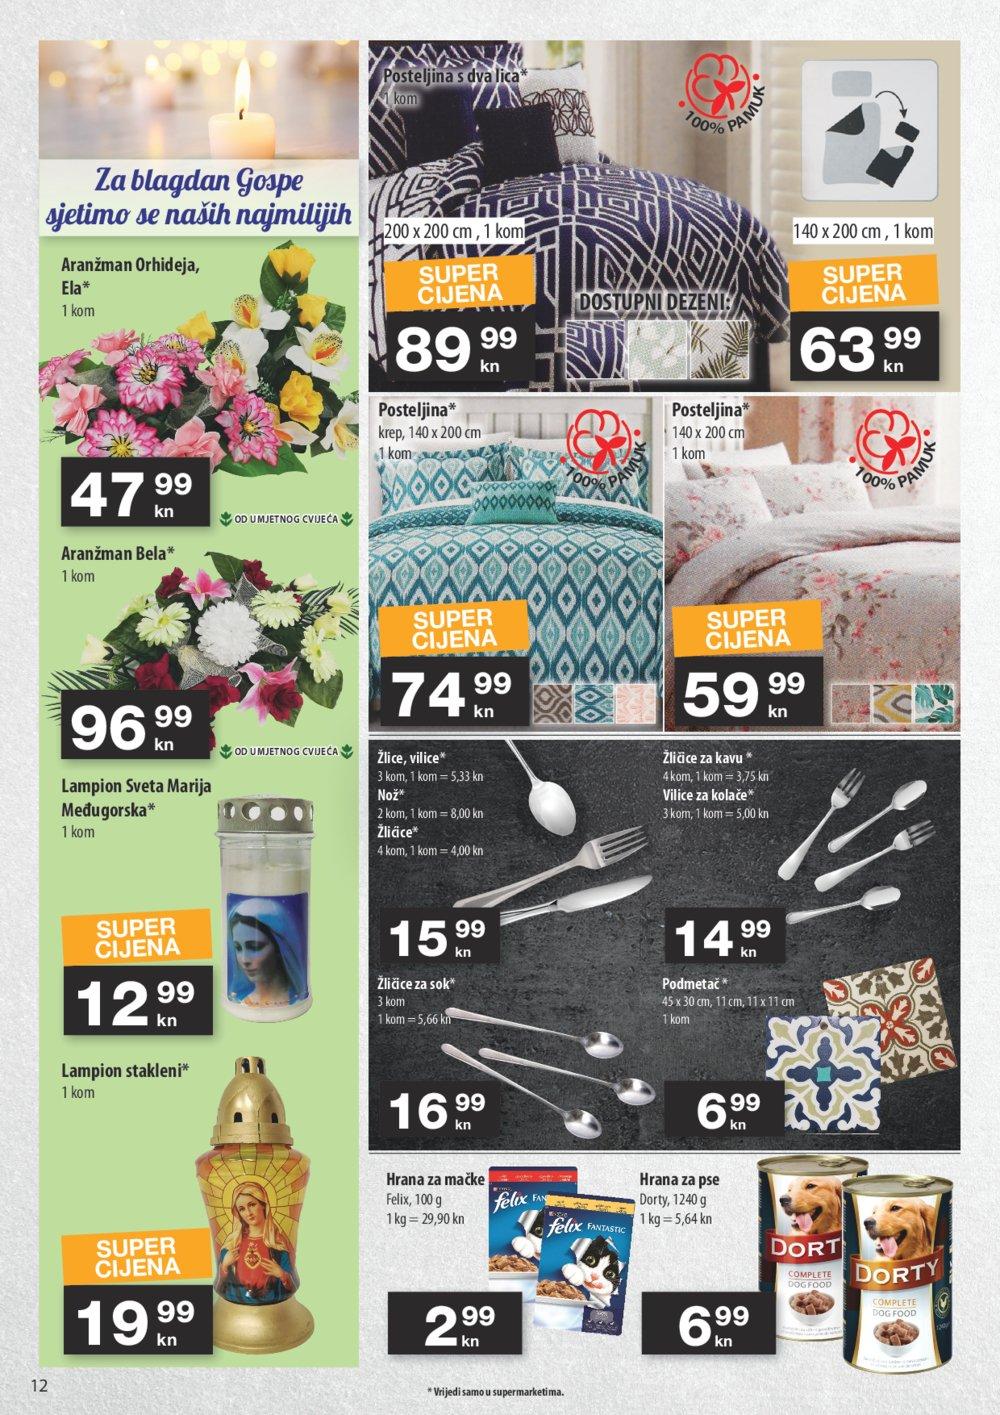 NTL katalog Akcija 08.08.-14.08.2019. odabrane poslovnice